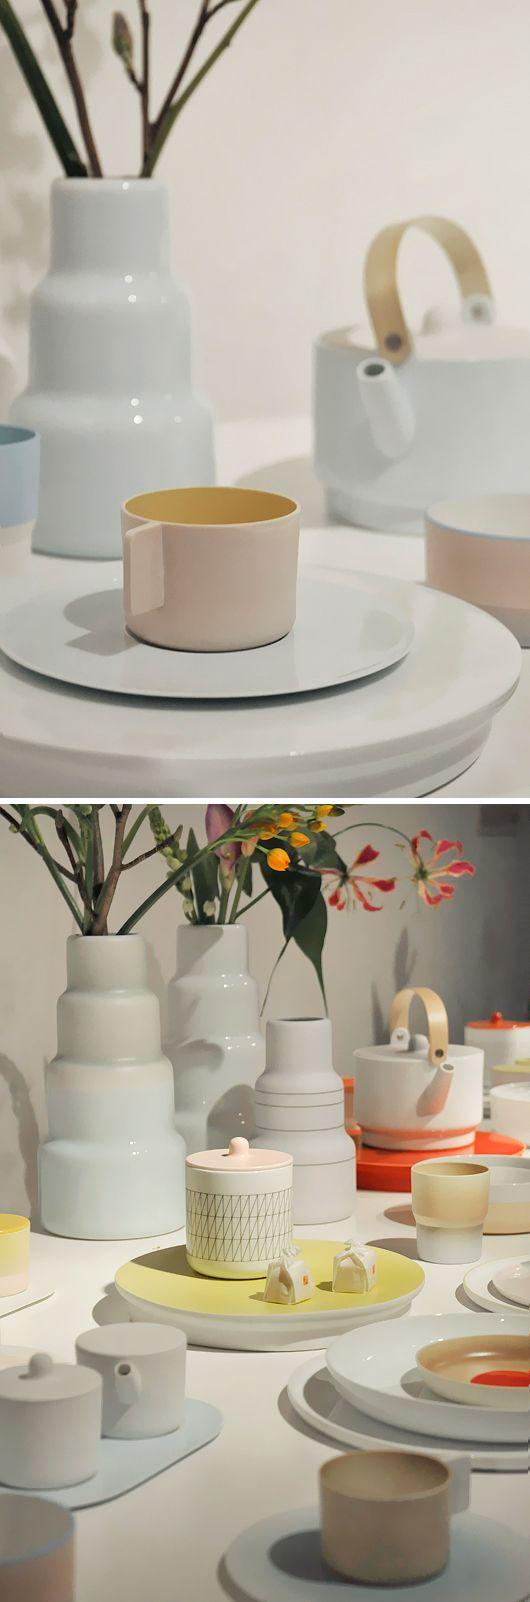 Scholten & Baijings, lovely pottery